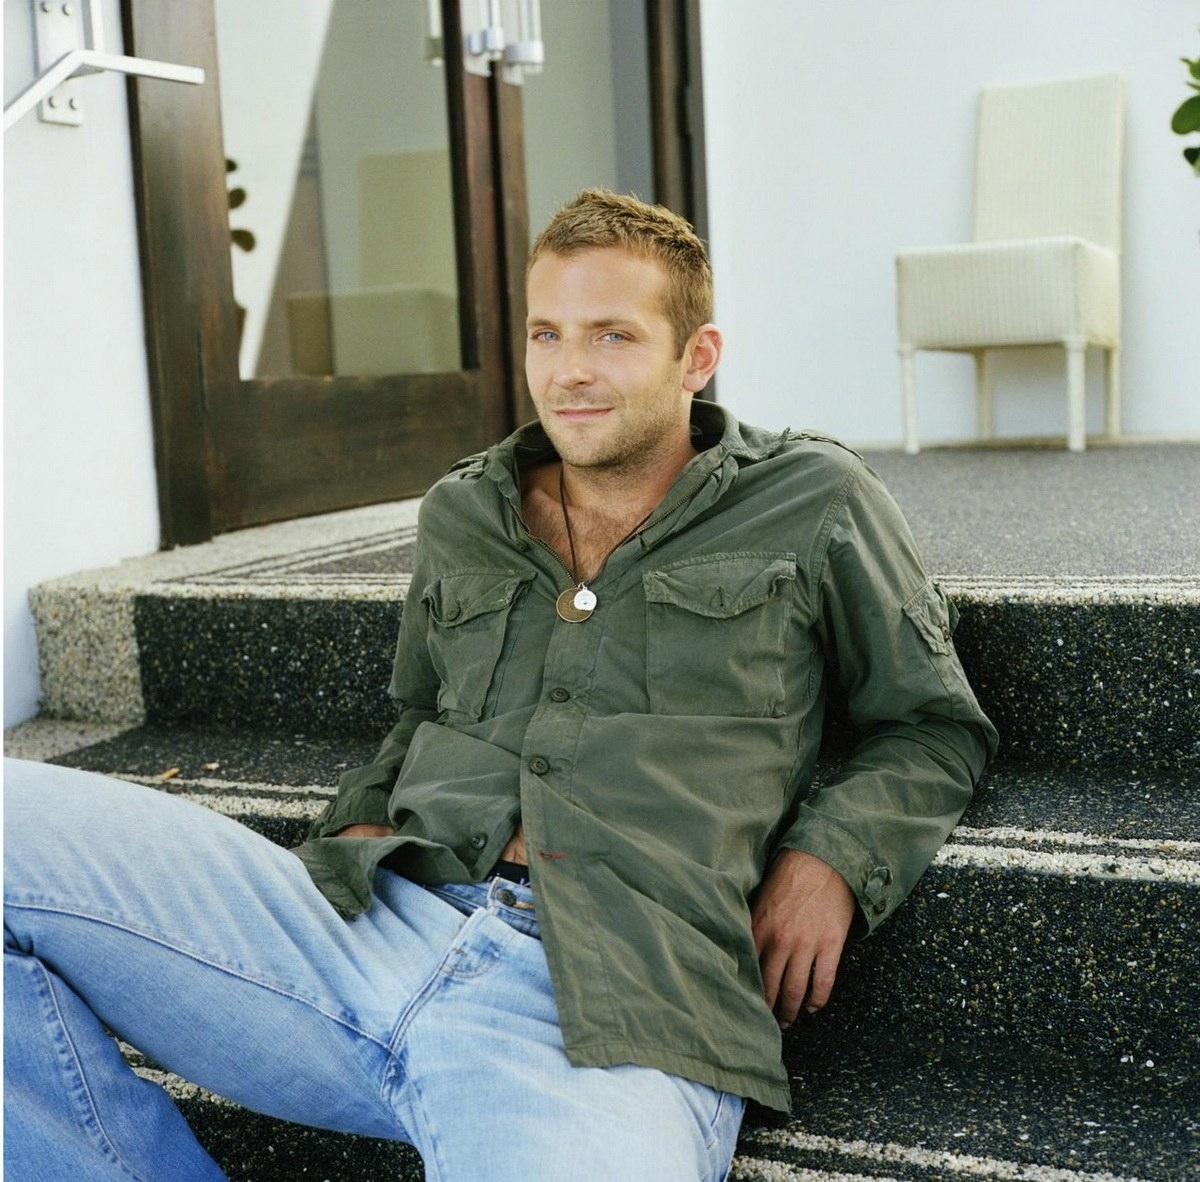 http://1.bp.blogspot.com/-9dJjXDzDVyk/TtRA98agtGI/AAAAAAAAAG4/gC_FlK-geSU/s1600/Bradley-Cooper-26.jpg